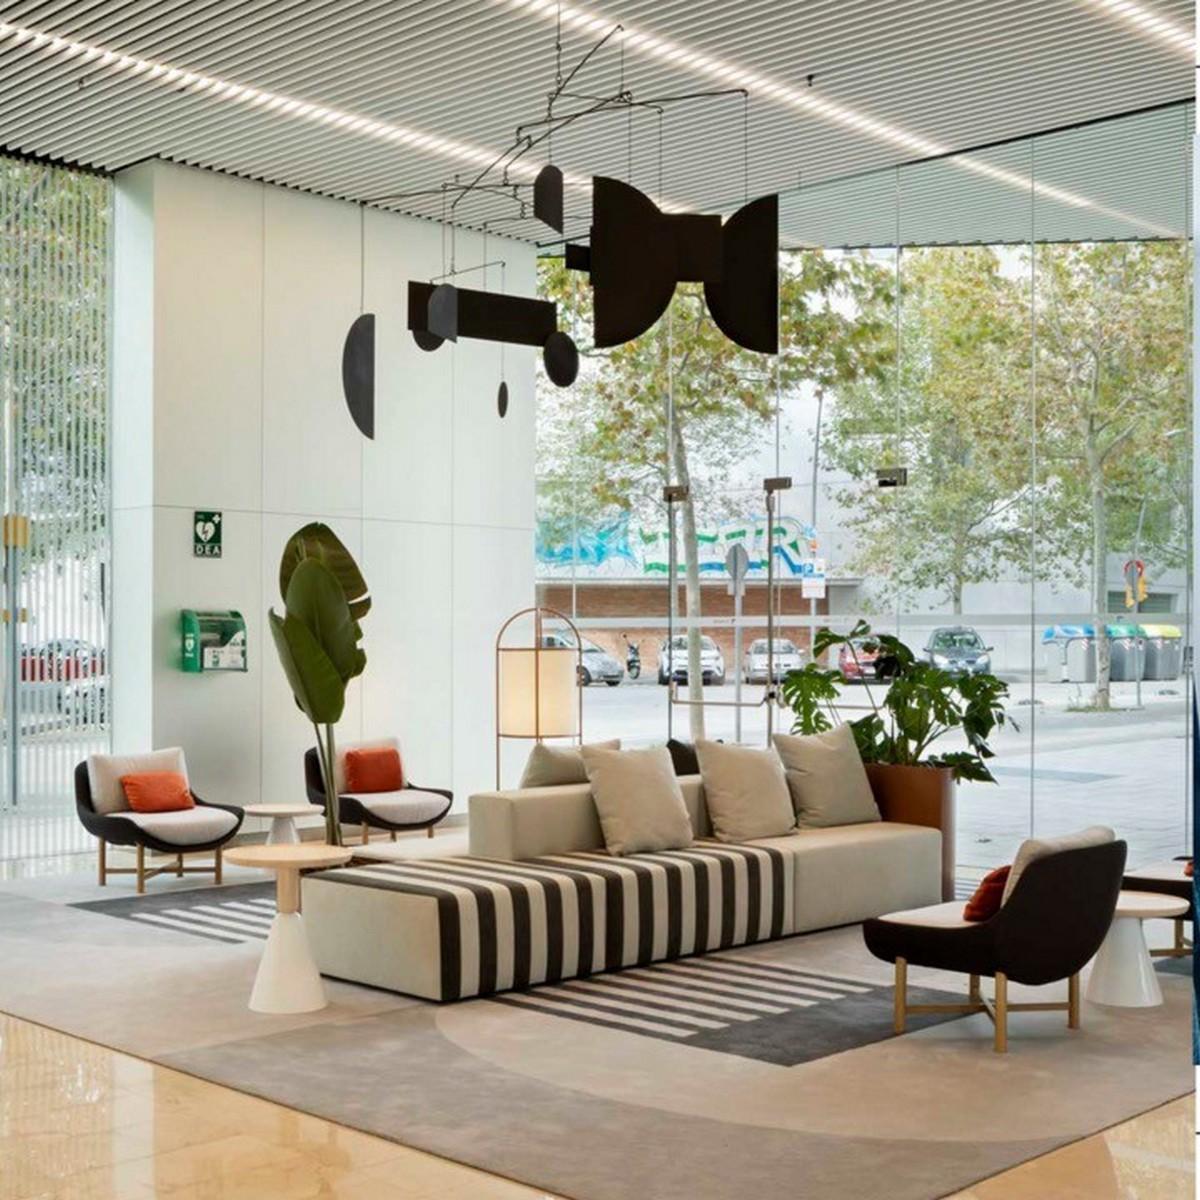 Estudio de Interiores: GÄRNA crea proyectos estupendos y elegantes estudio de interiores Estudio de Interiores: GÄRNA crea proyectos estupendos y elegantes 90089503 158234745642483 3986570726198407984 n